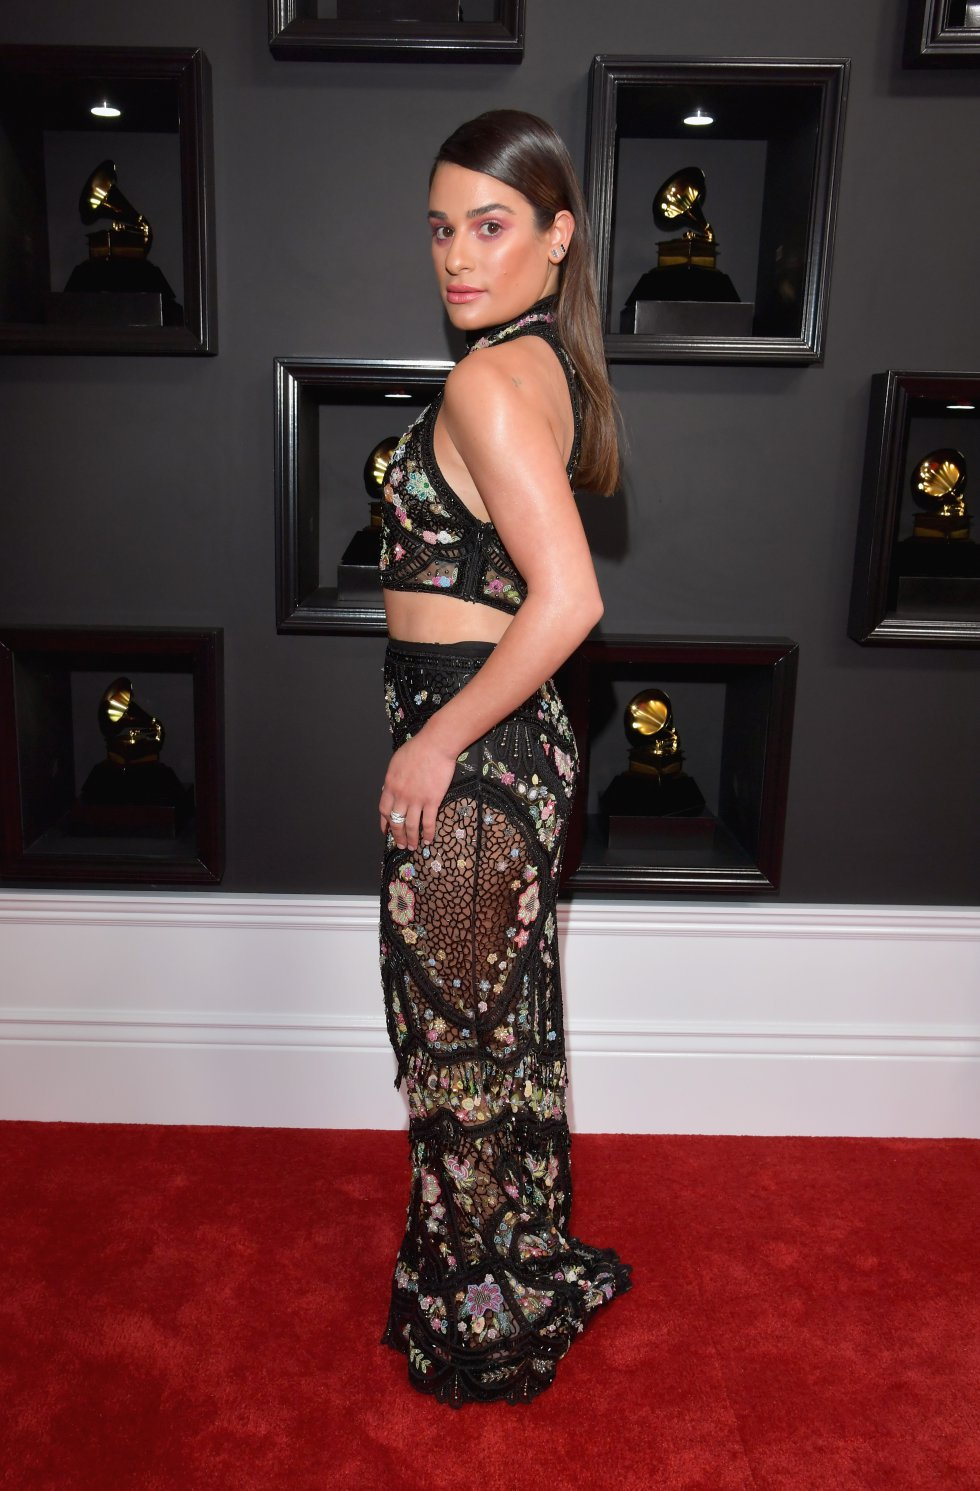 La británica Adele logró los cinco premios a los que aspiraba en la 59 edición de los Grammy.